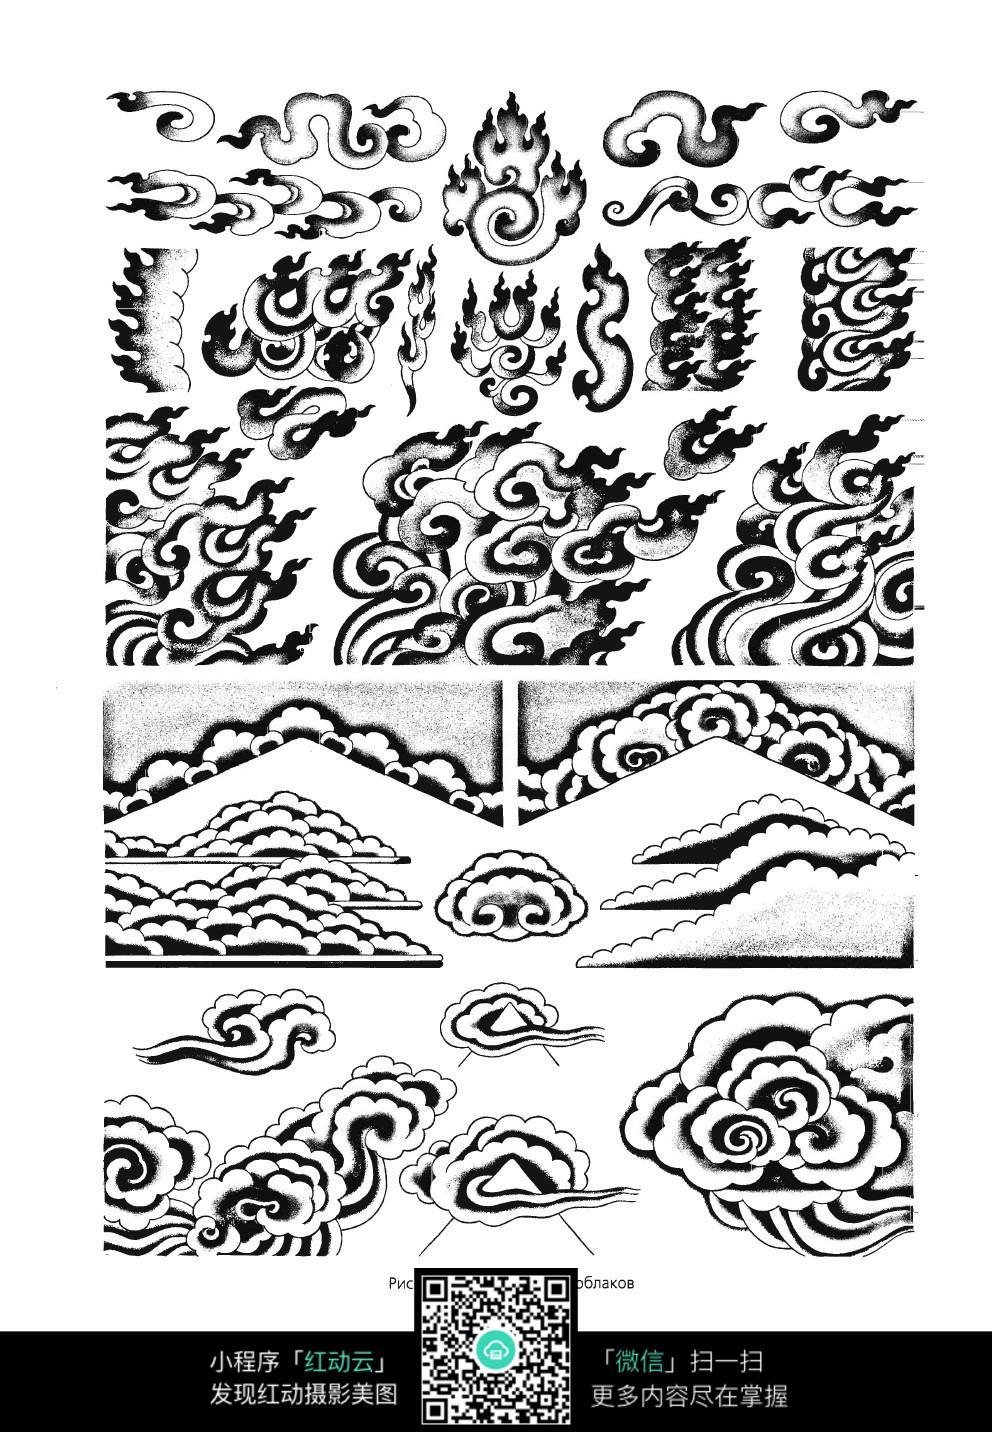 火纹云纹手绘线描图形